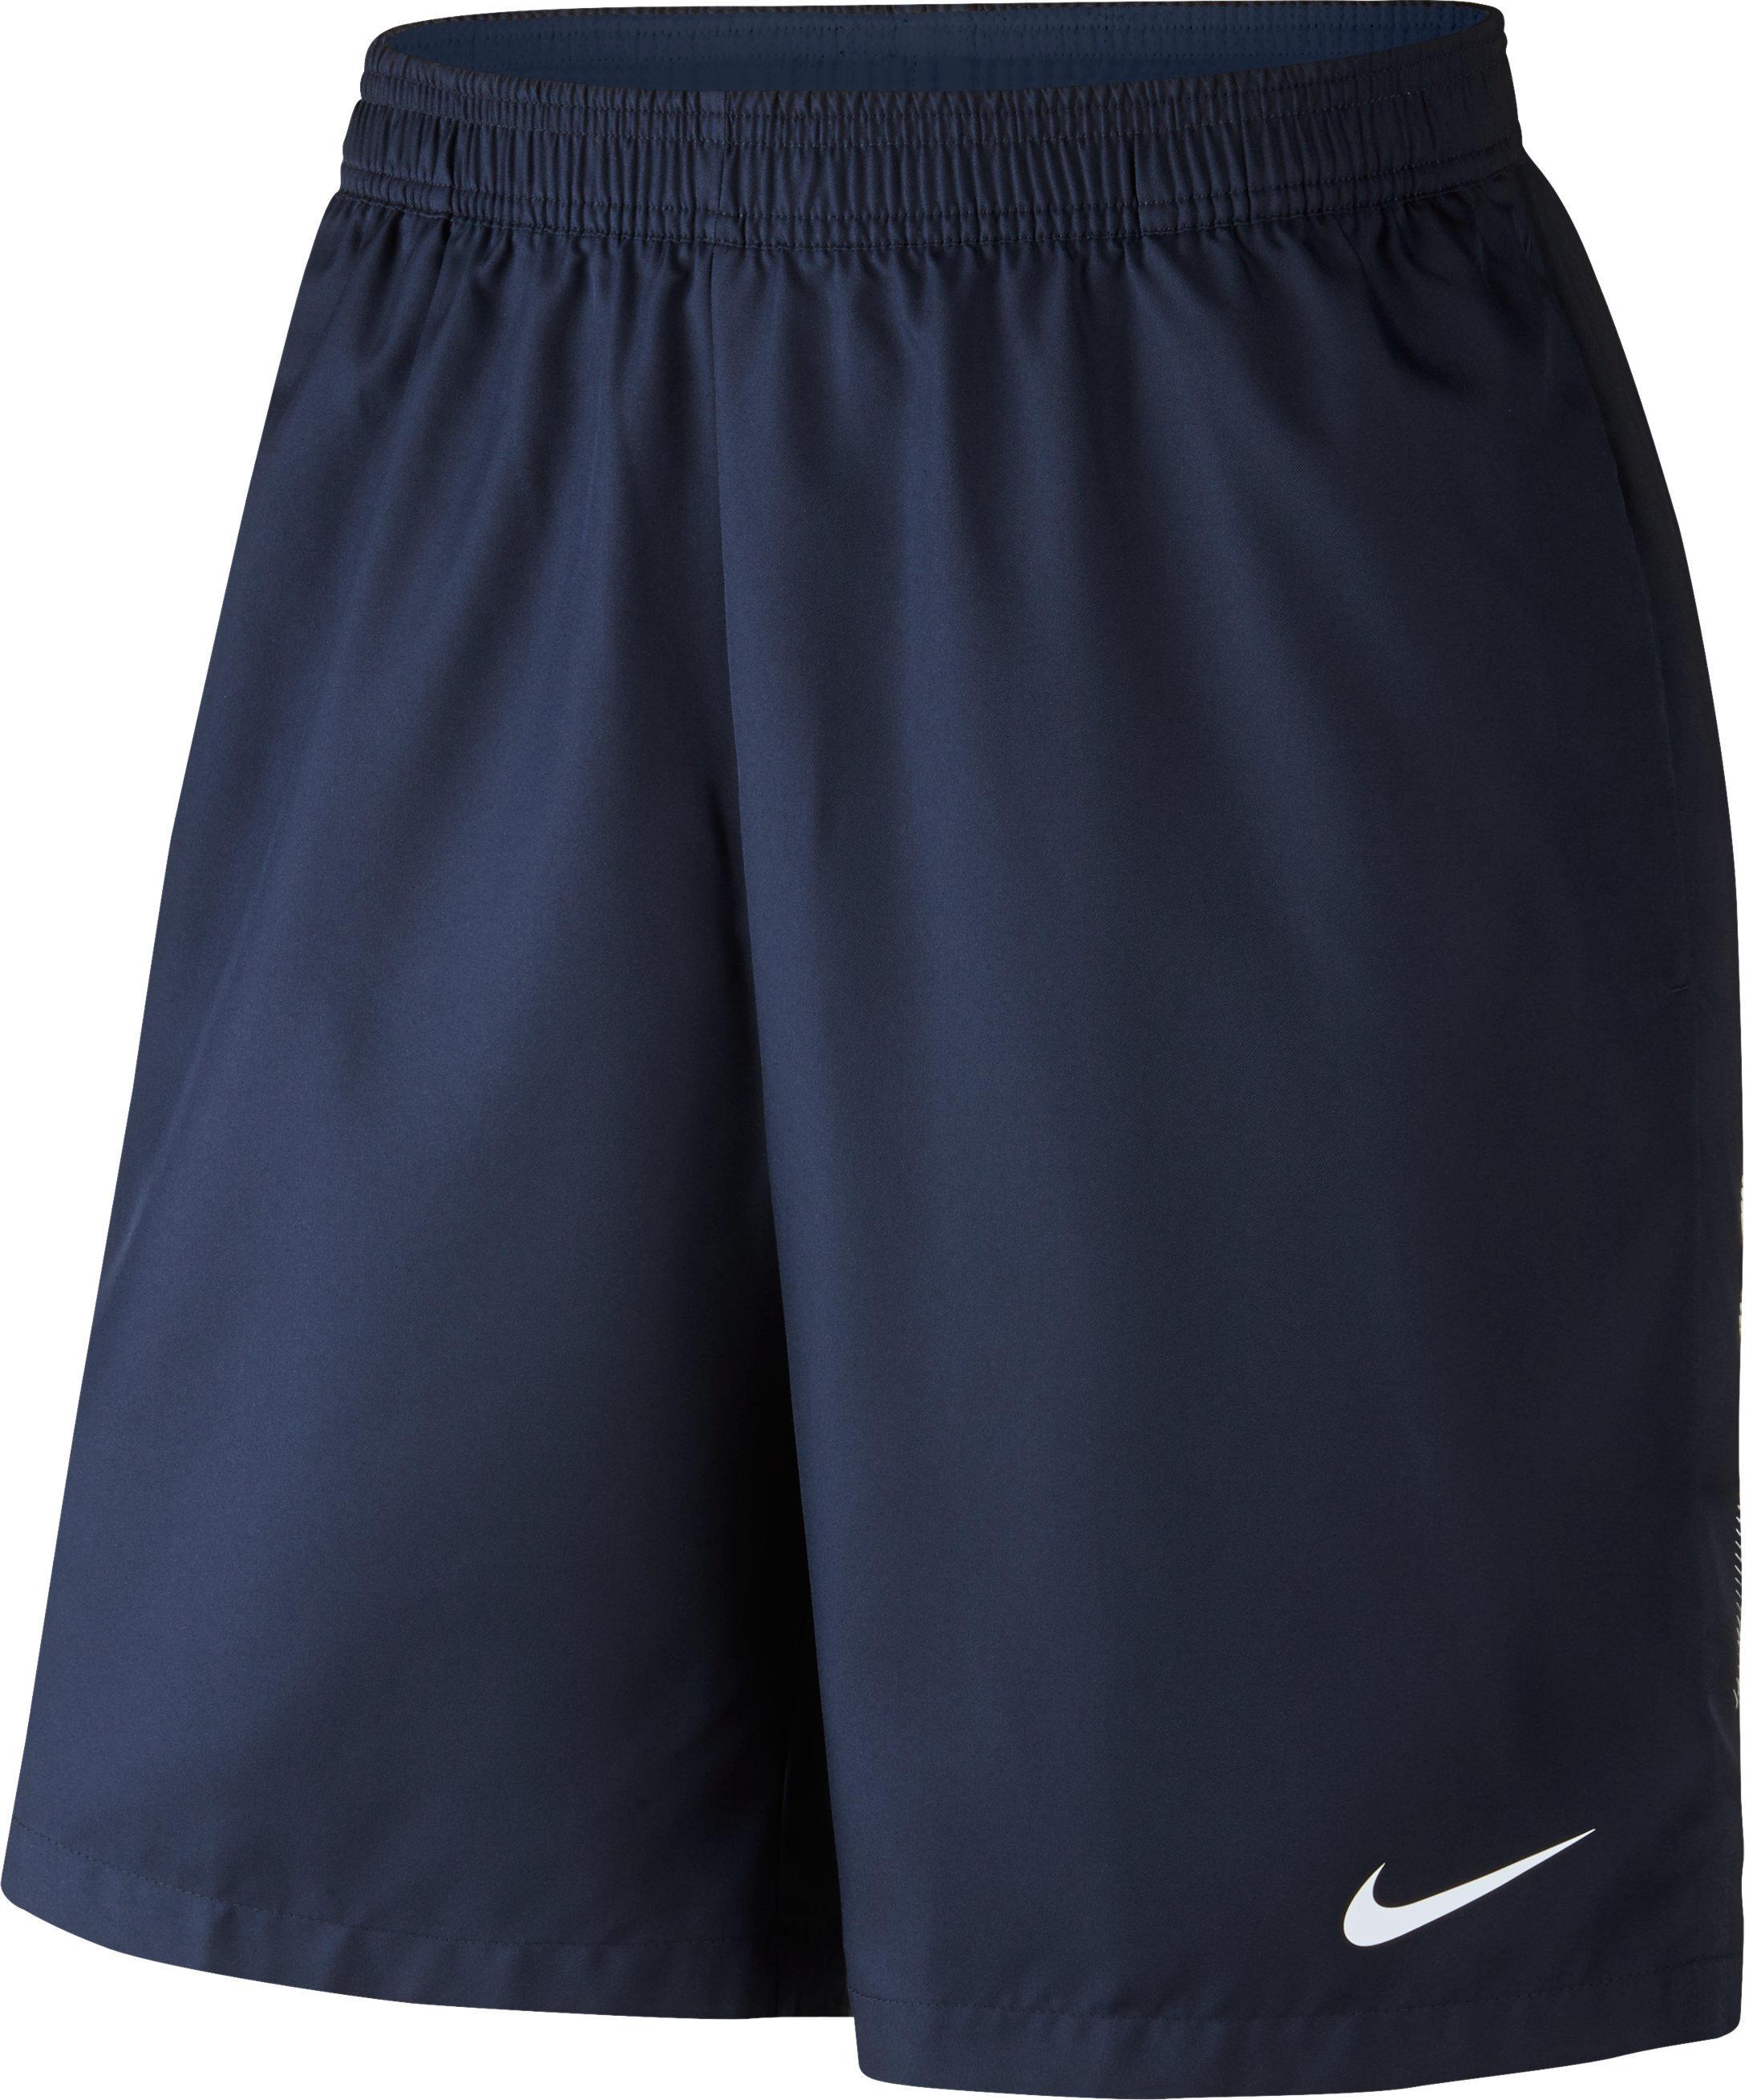 Nike Tennisshort Nike Dry marineblauw